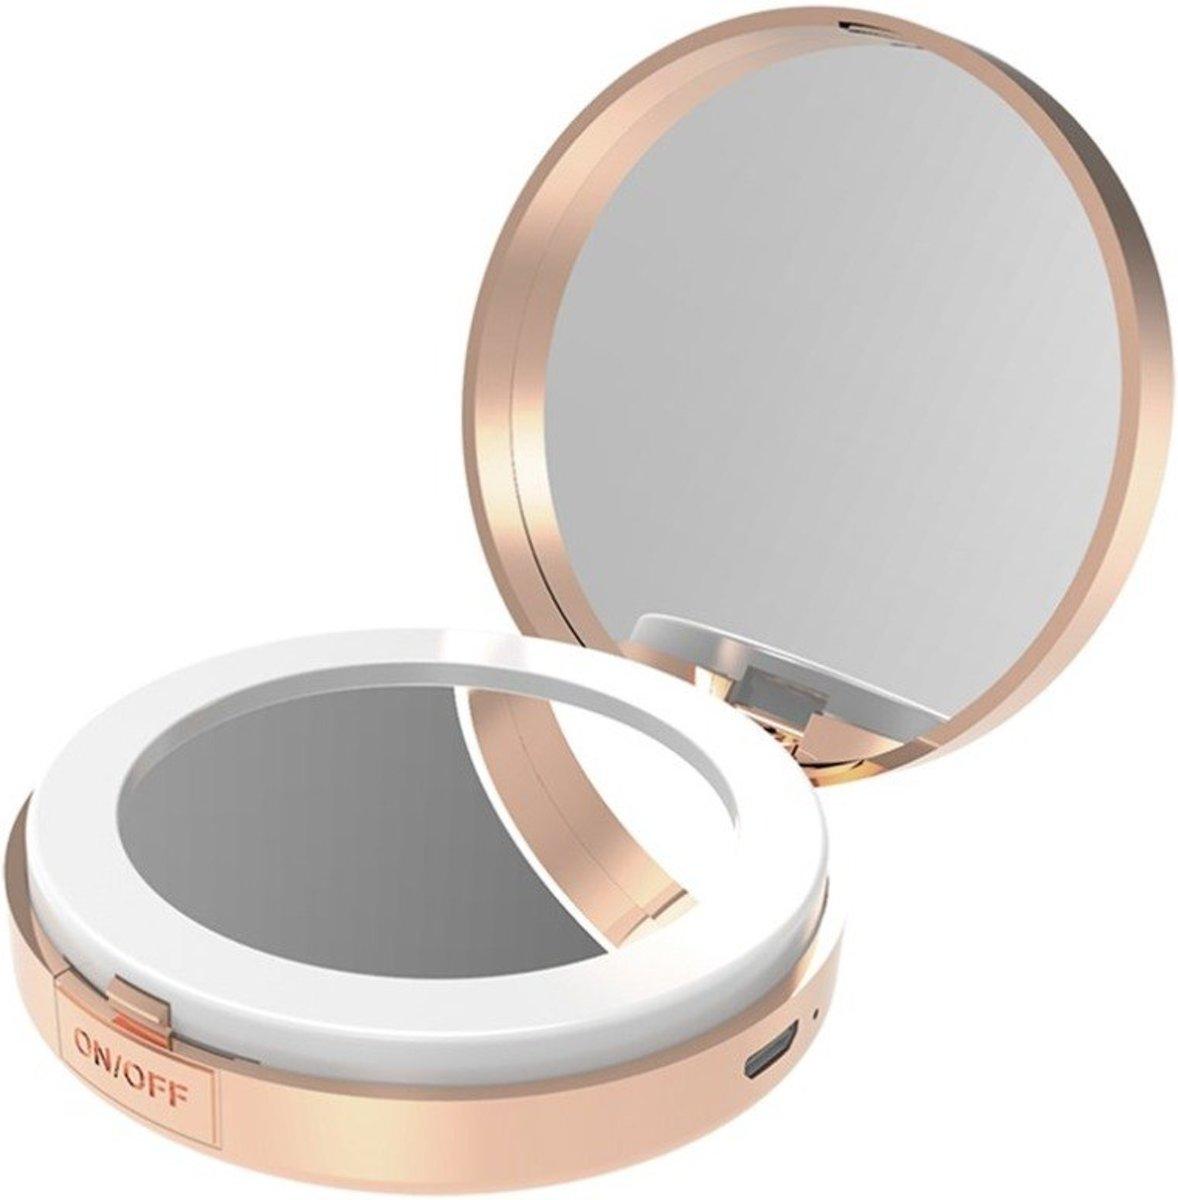 ronde make up spiegel met 3 kleuren led oplaadbaar make up spiegel oplaadbaar met led. Black Bedroom Furniture Sets. Home Design Ideas